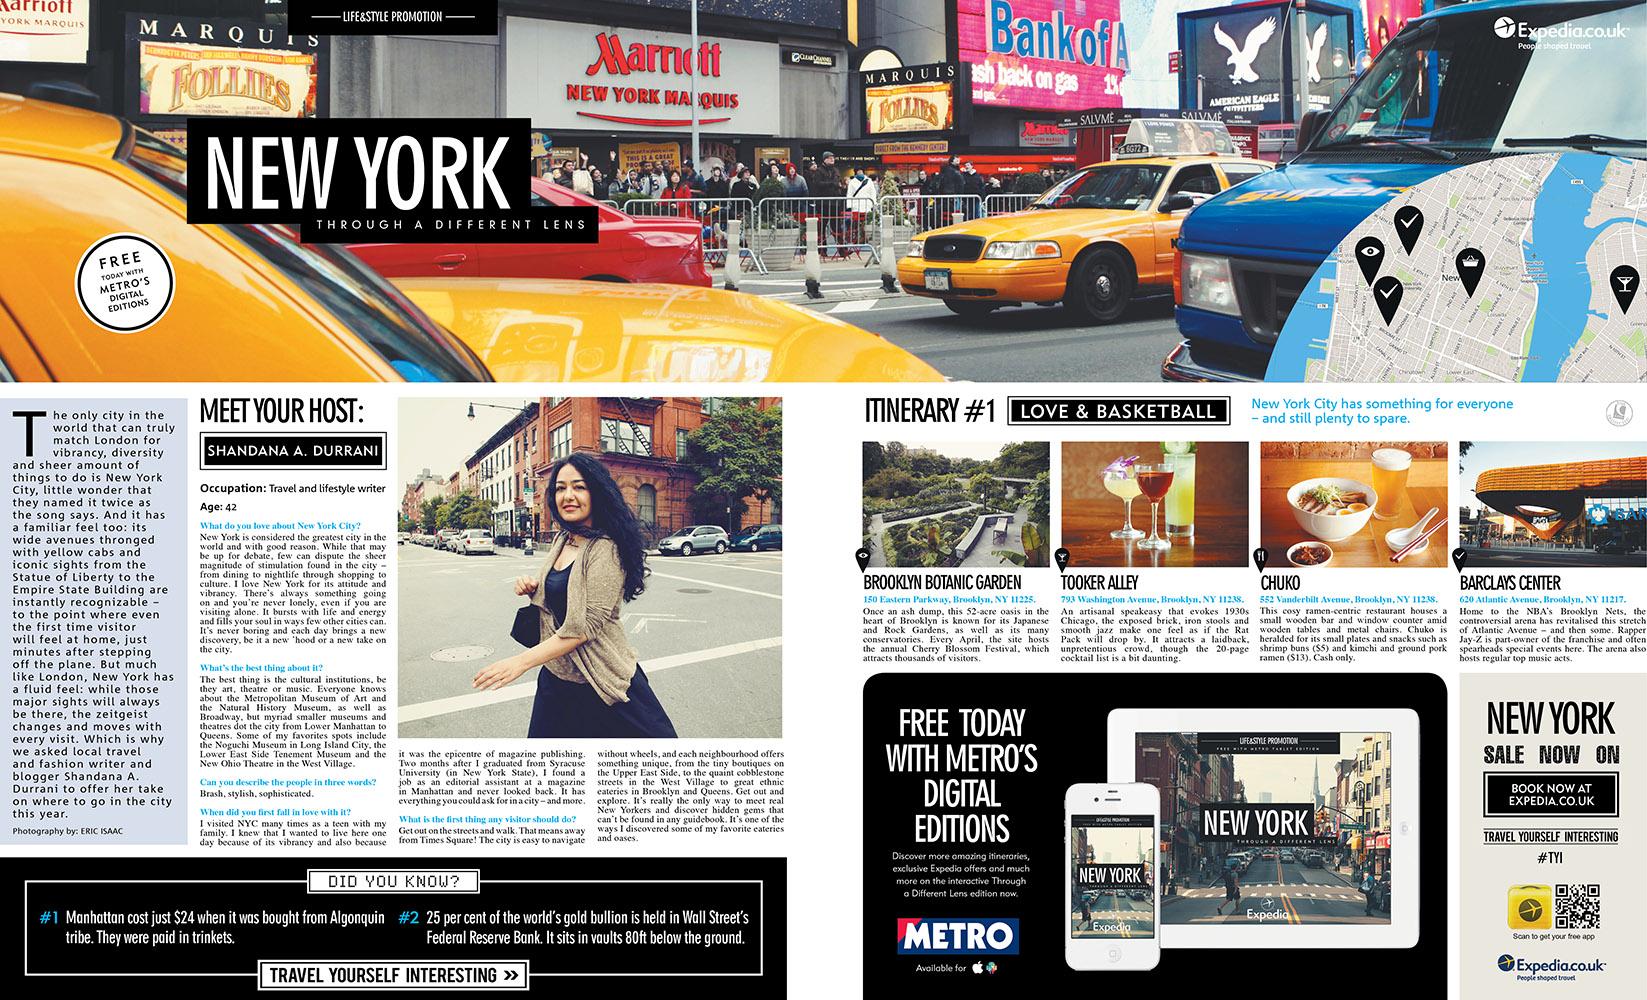 D_29768_expedia_dps_newyork